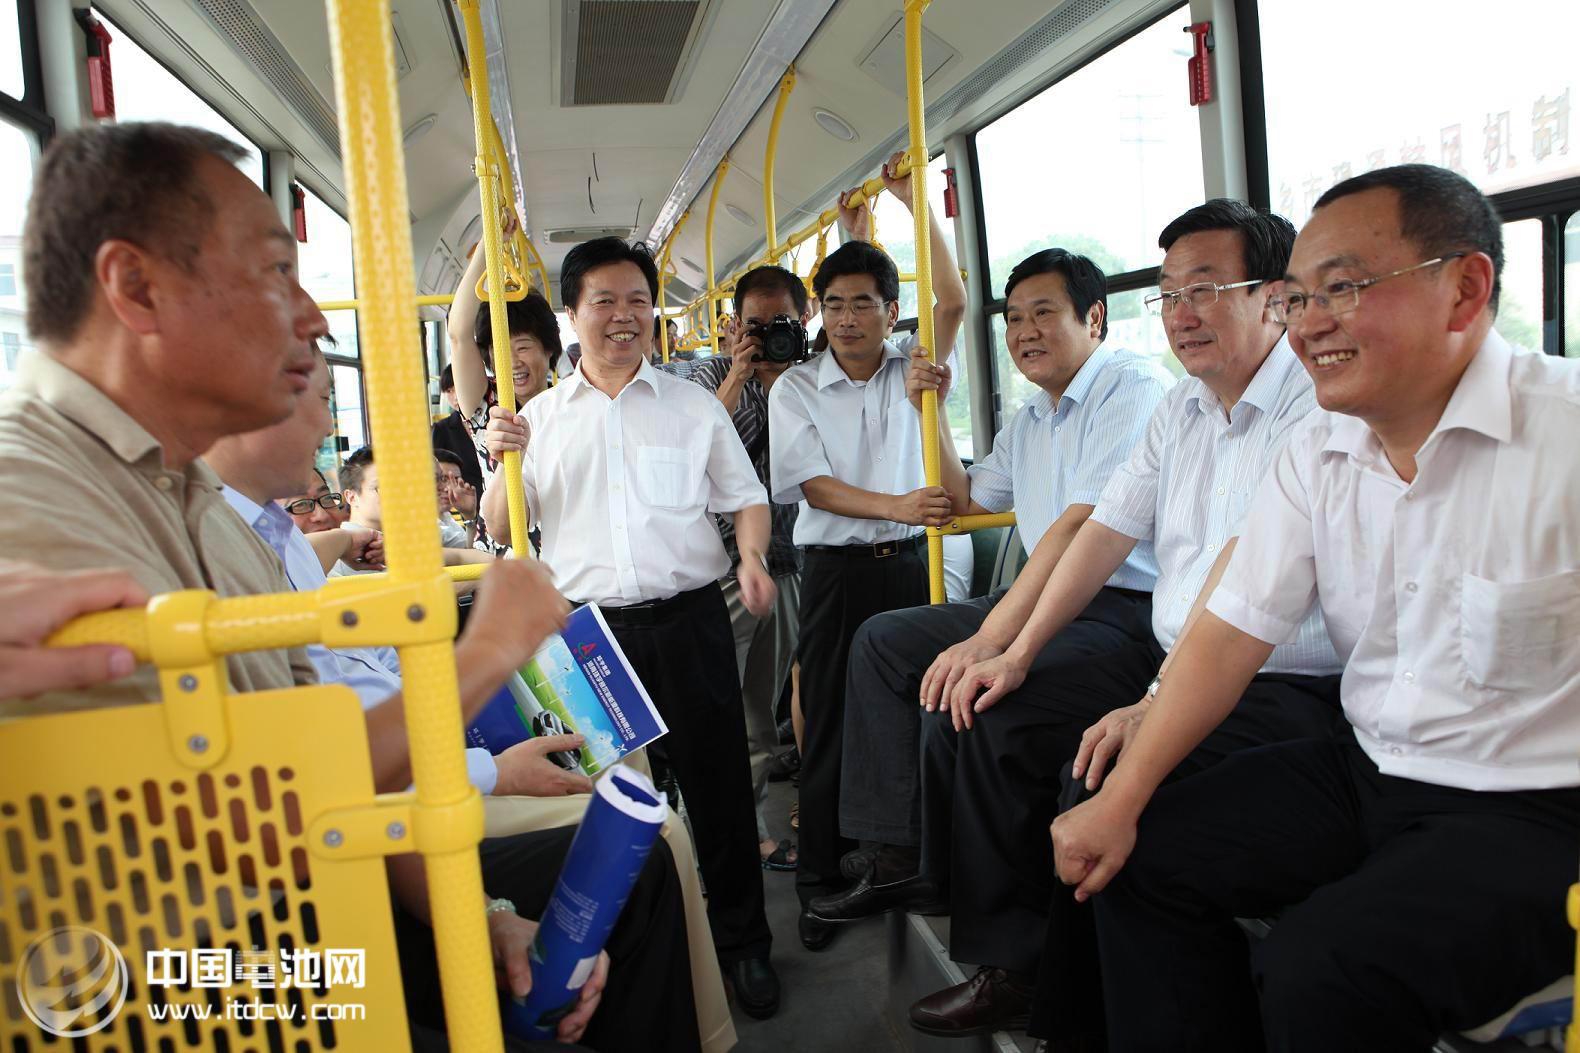 鸿海郭台铭准备造怎样的电动车台湾业内人士众说纷纭